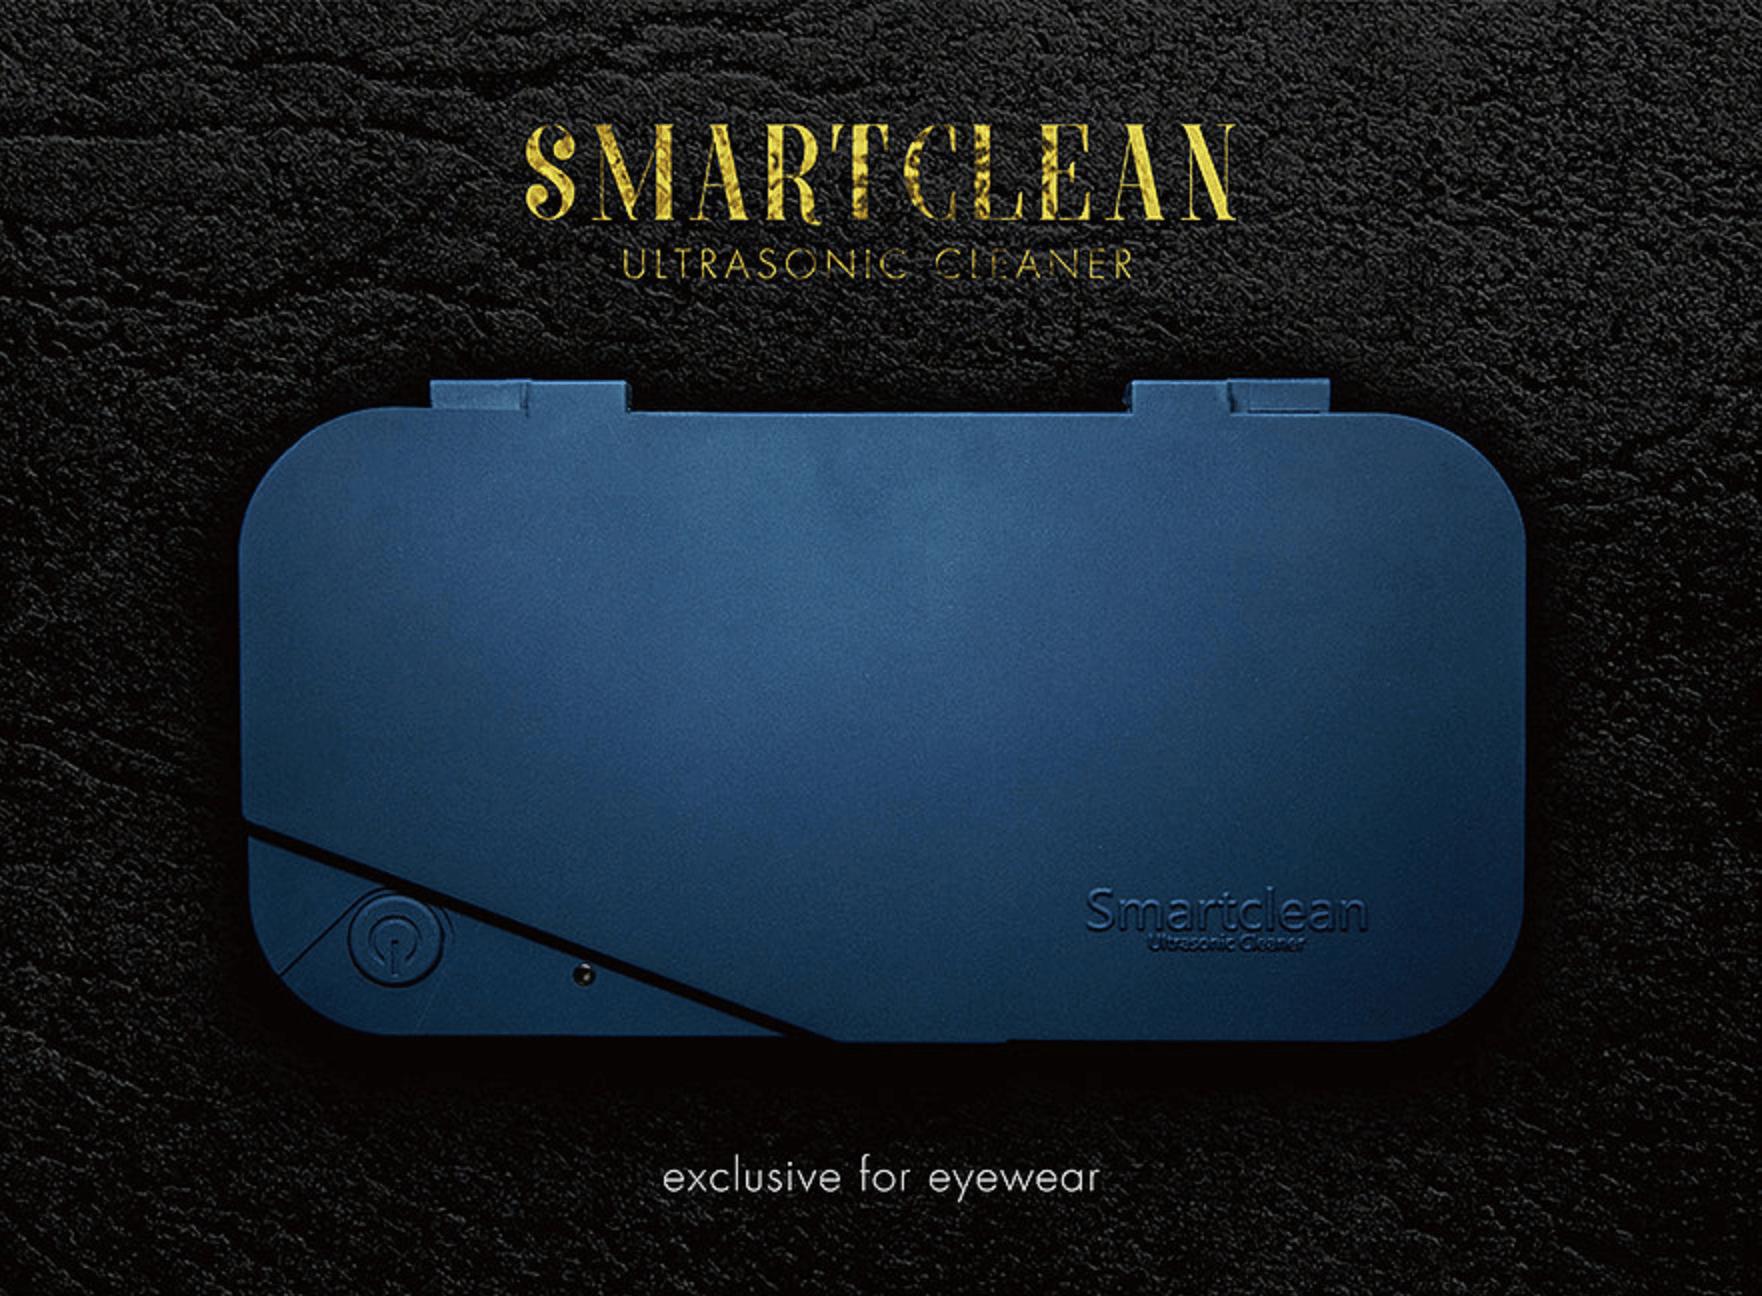 香港 Smart Clean 家用超声波眼镜清洗机 手表首饰假牙清洗仪器